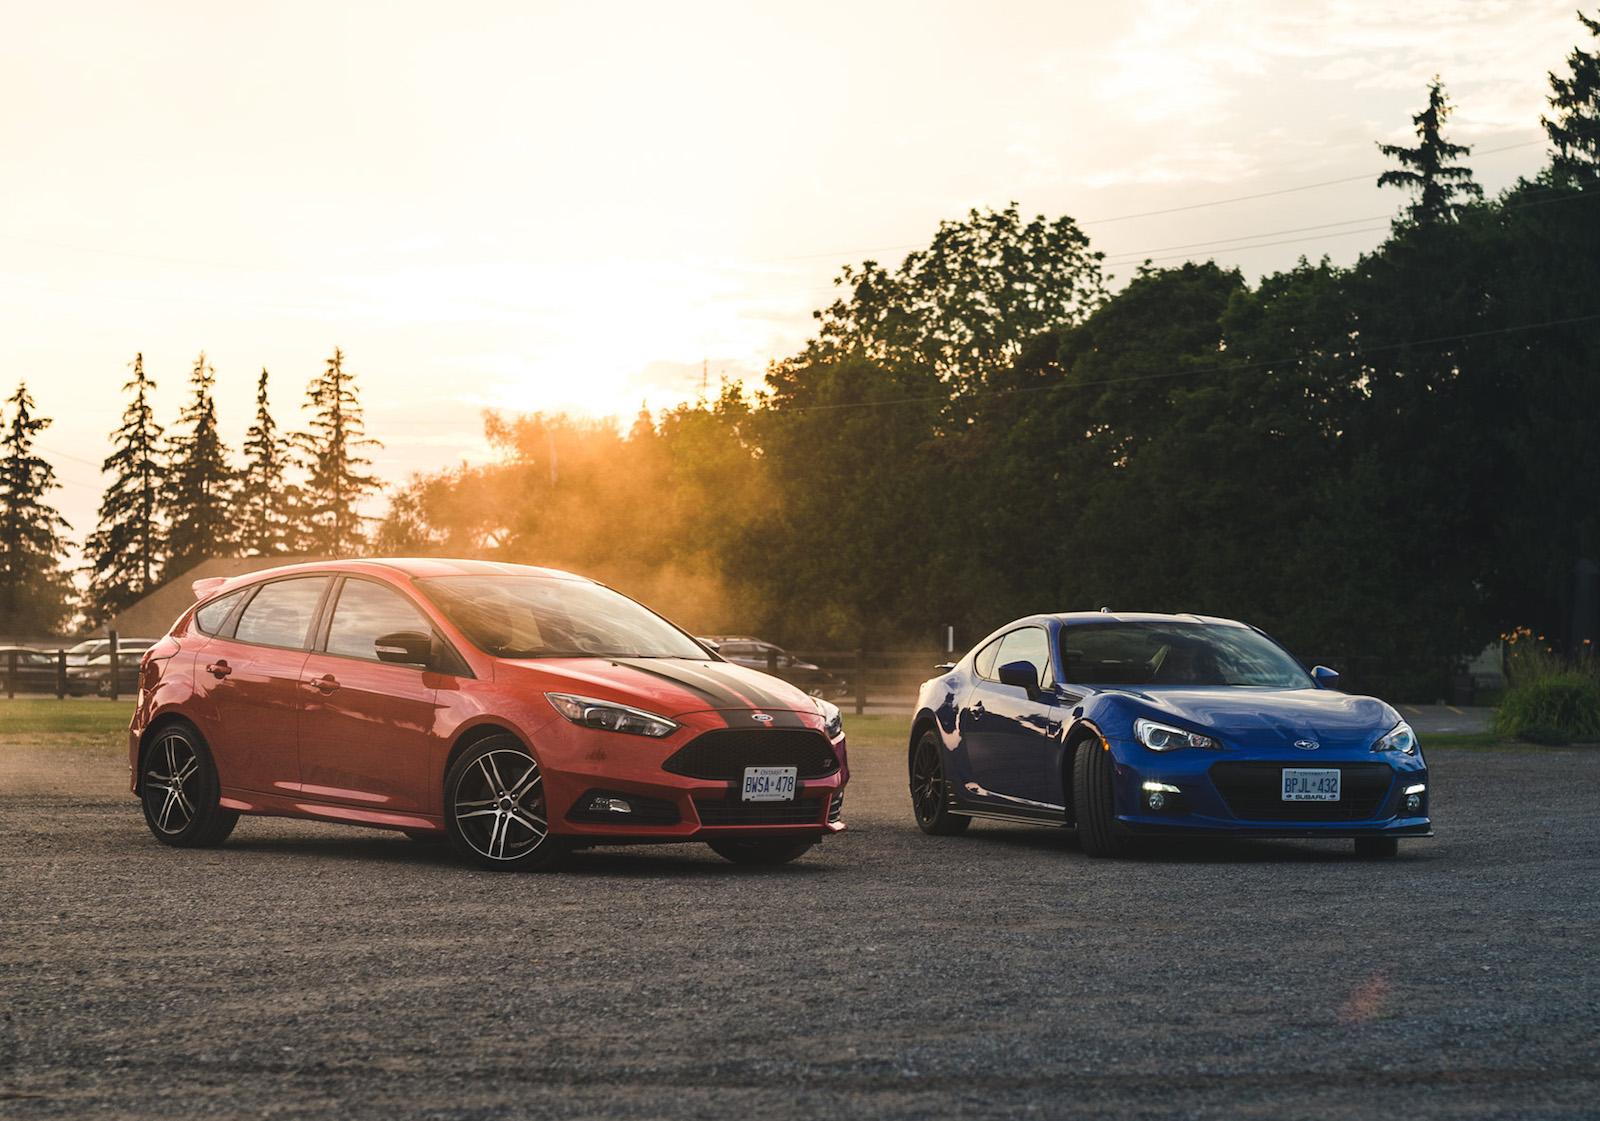 2016 Subaru Brz Sti Turbo News 2016 2017 Sports Cars | 2017 - 2018 ...